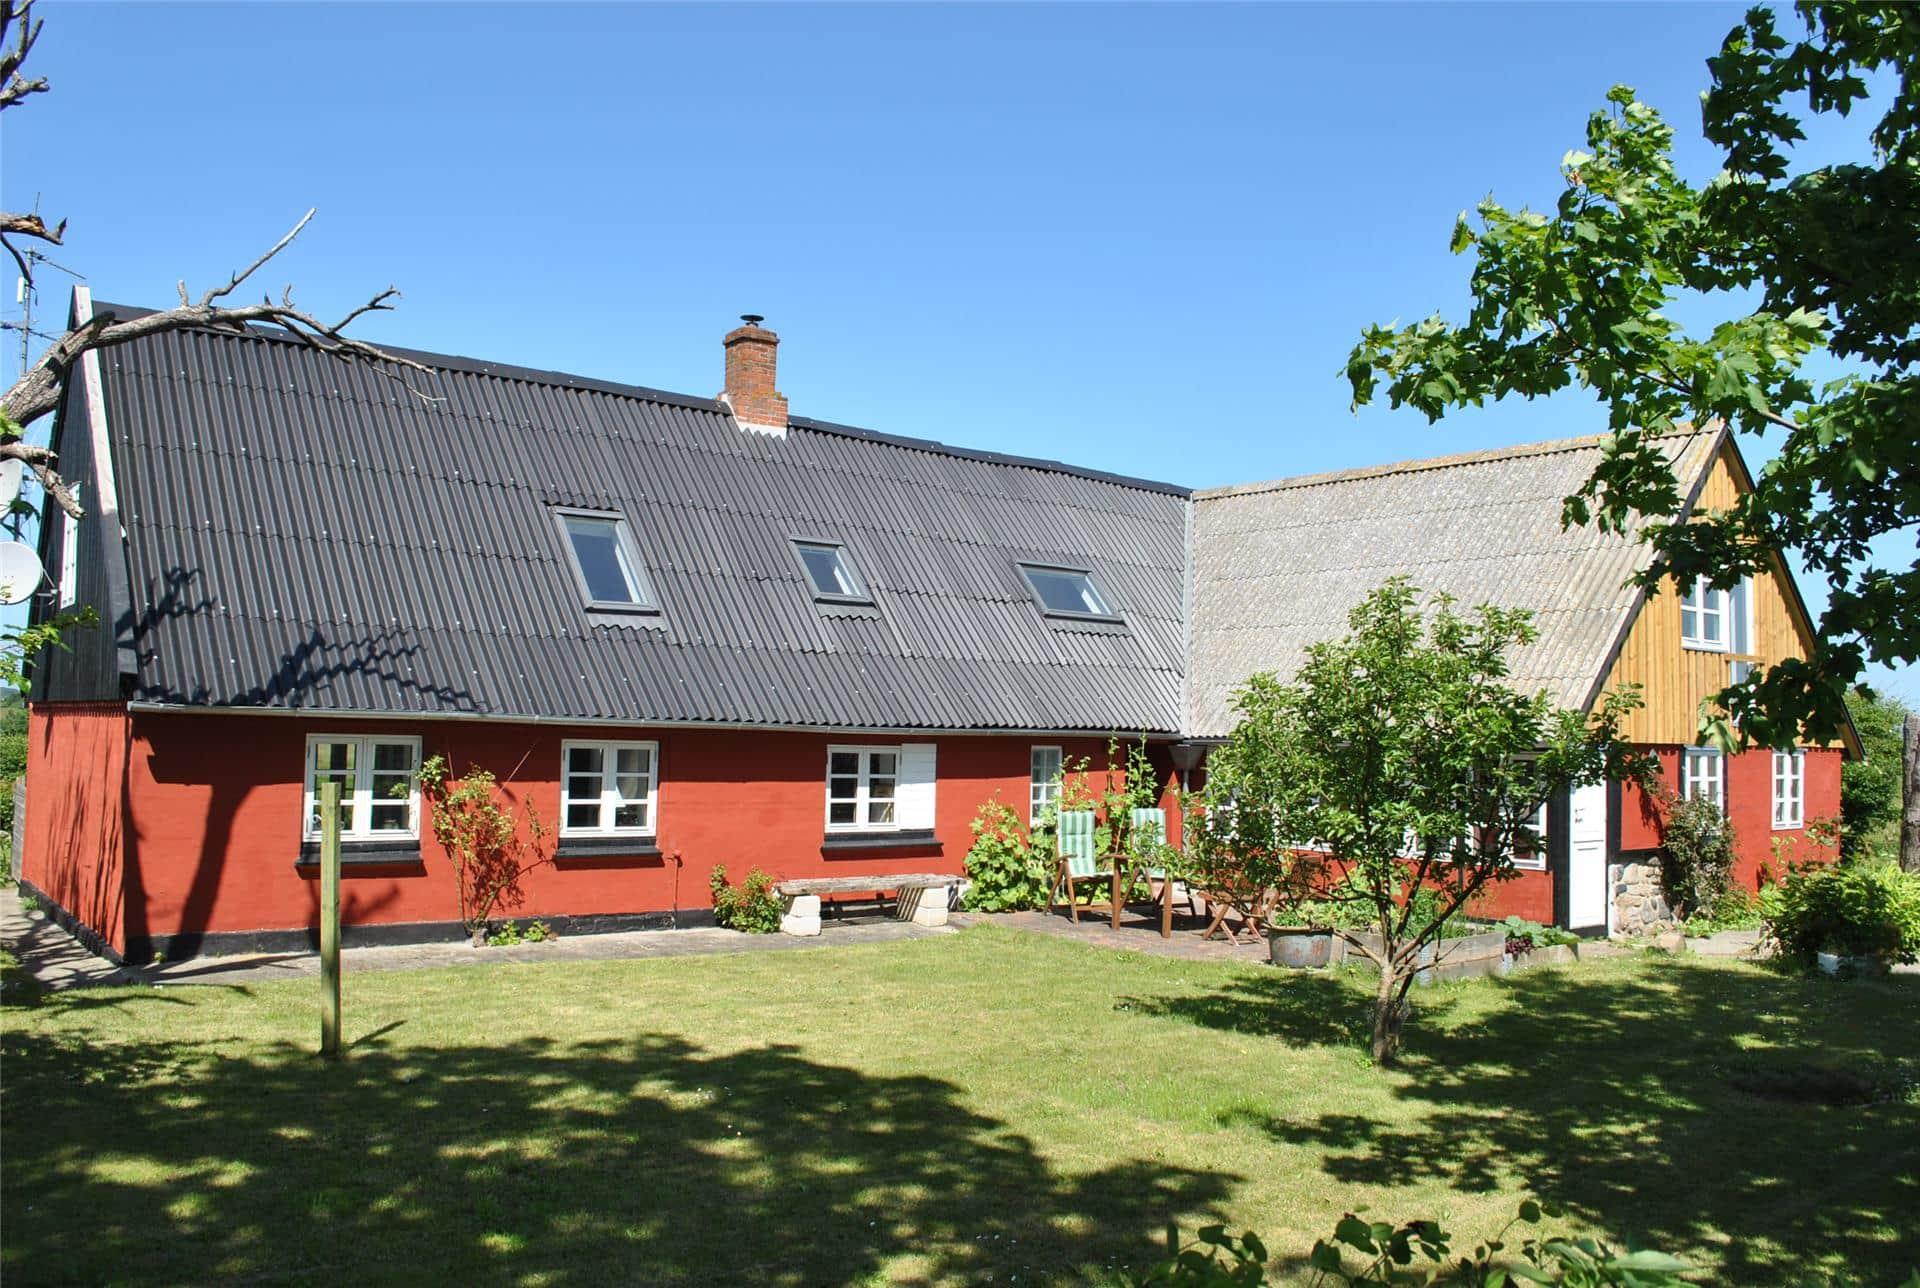 Afbeelding 1-170 Vakantiehuis 20211, Nørreskiftevej 20, DK - 8305 Samsø